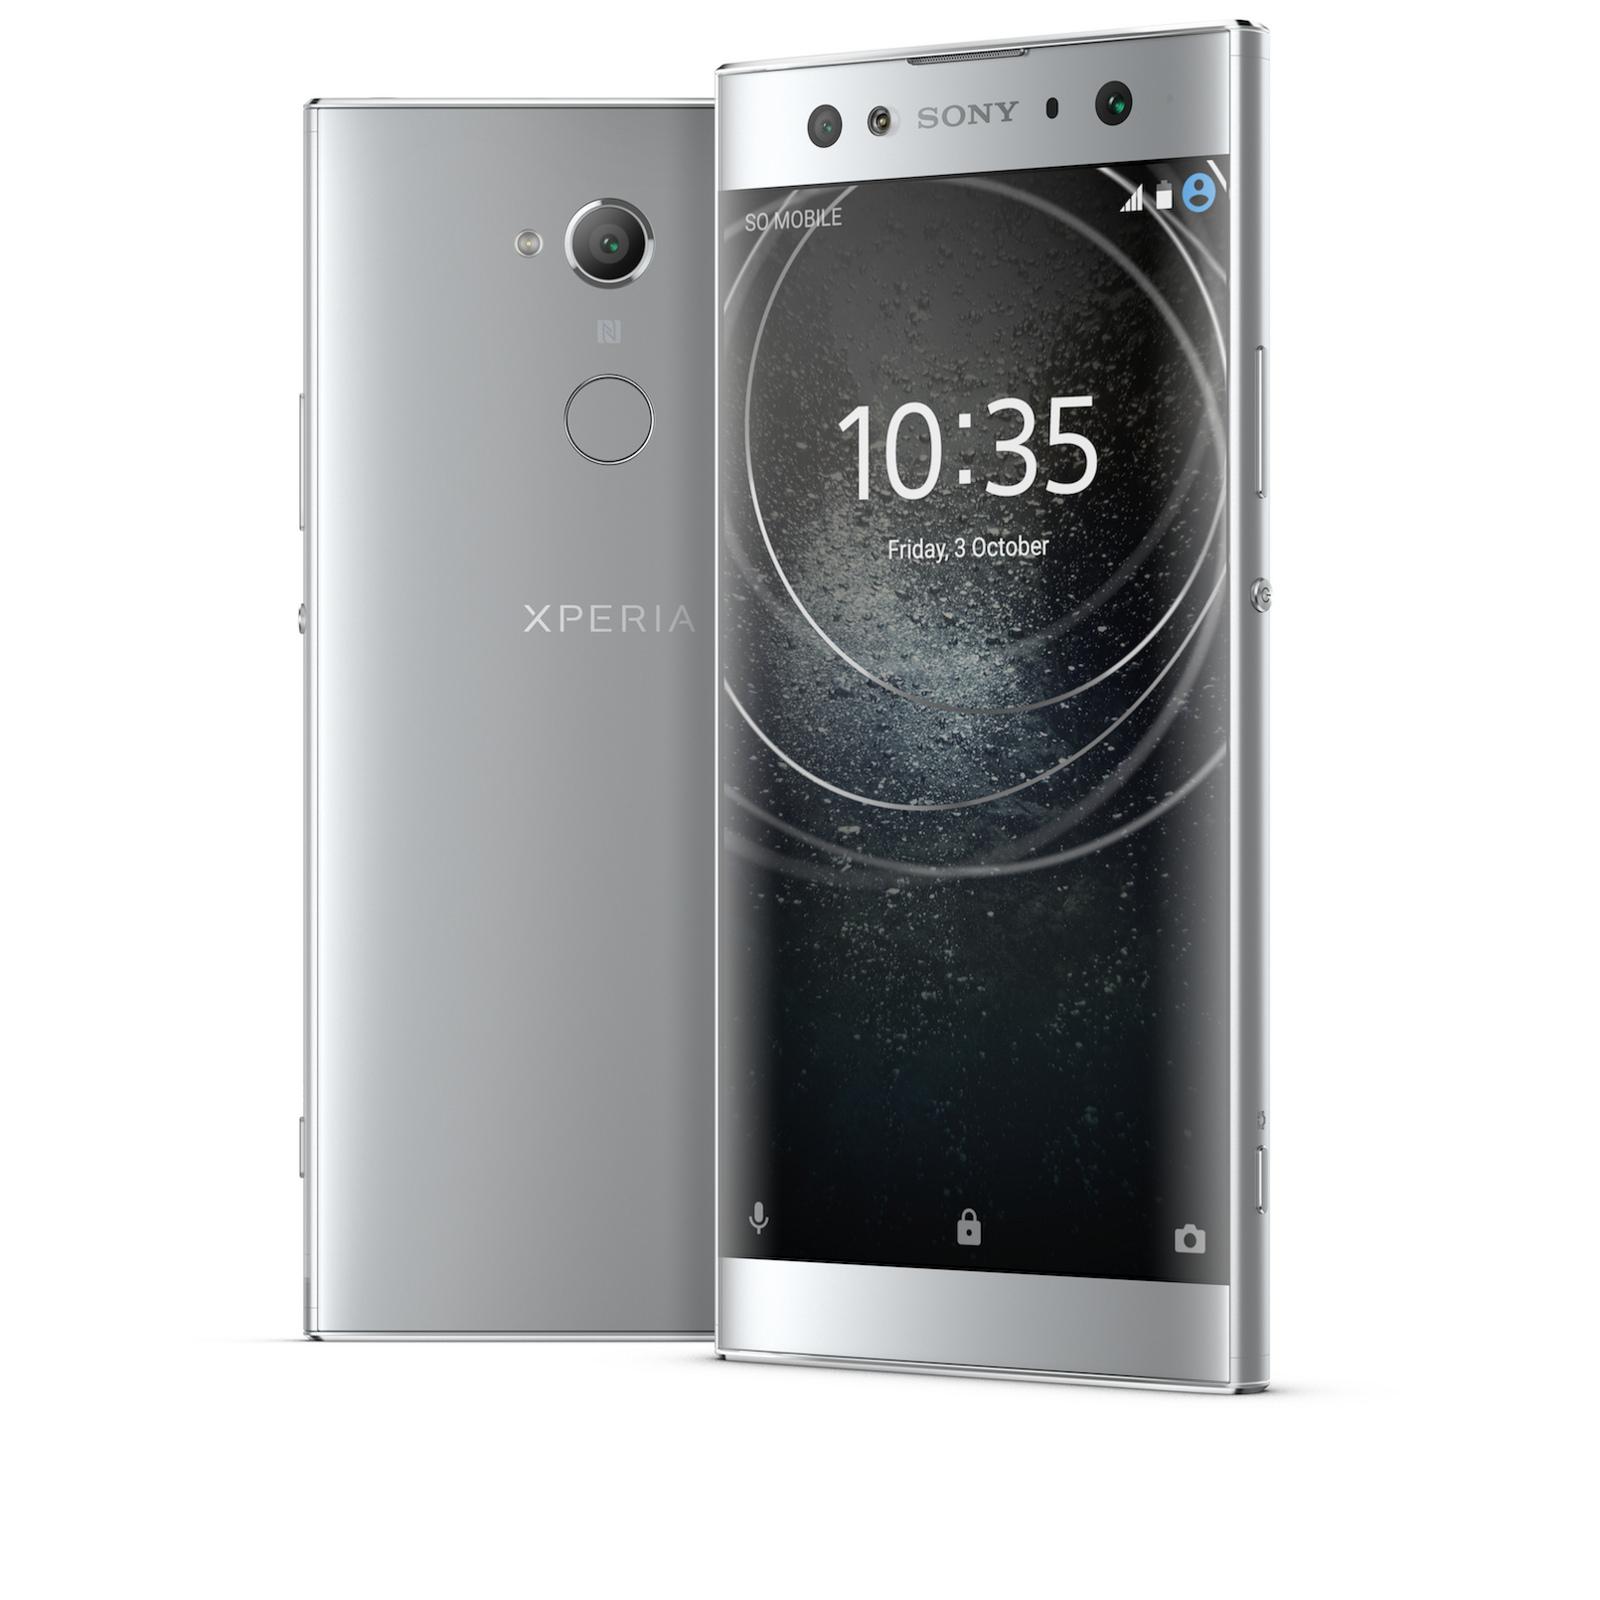 ソニーがセルフィーに特化したスマホ、「Xperia XA2 Ultra」を発表